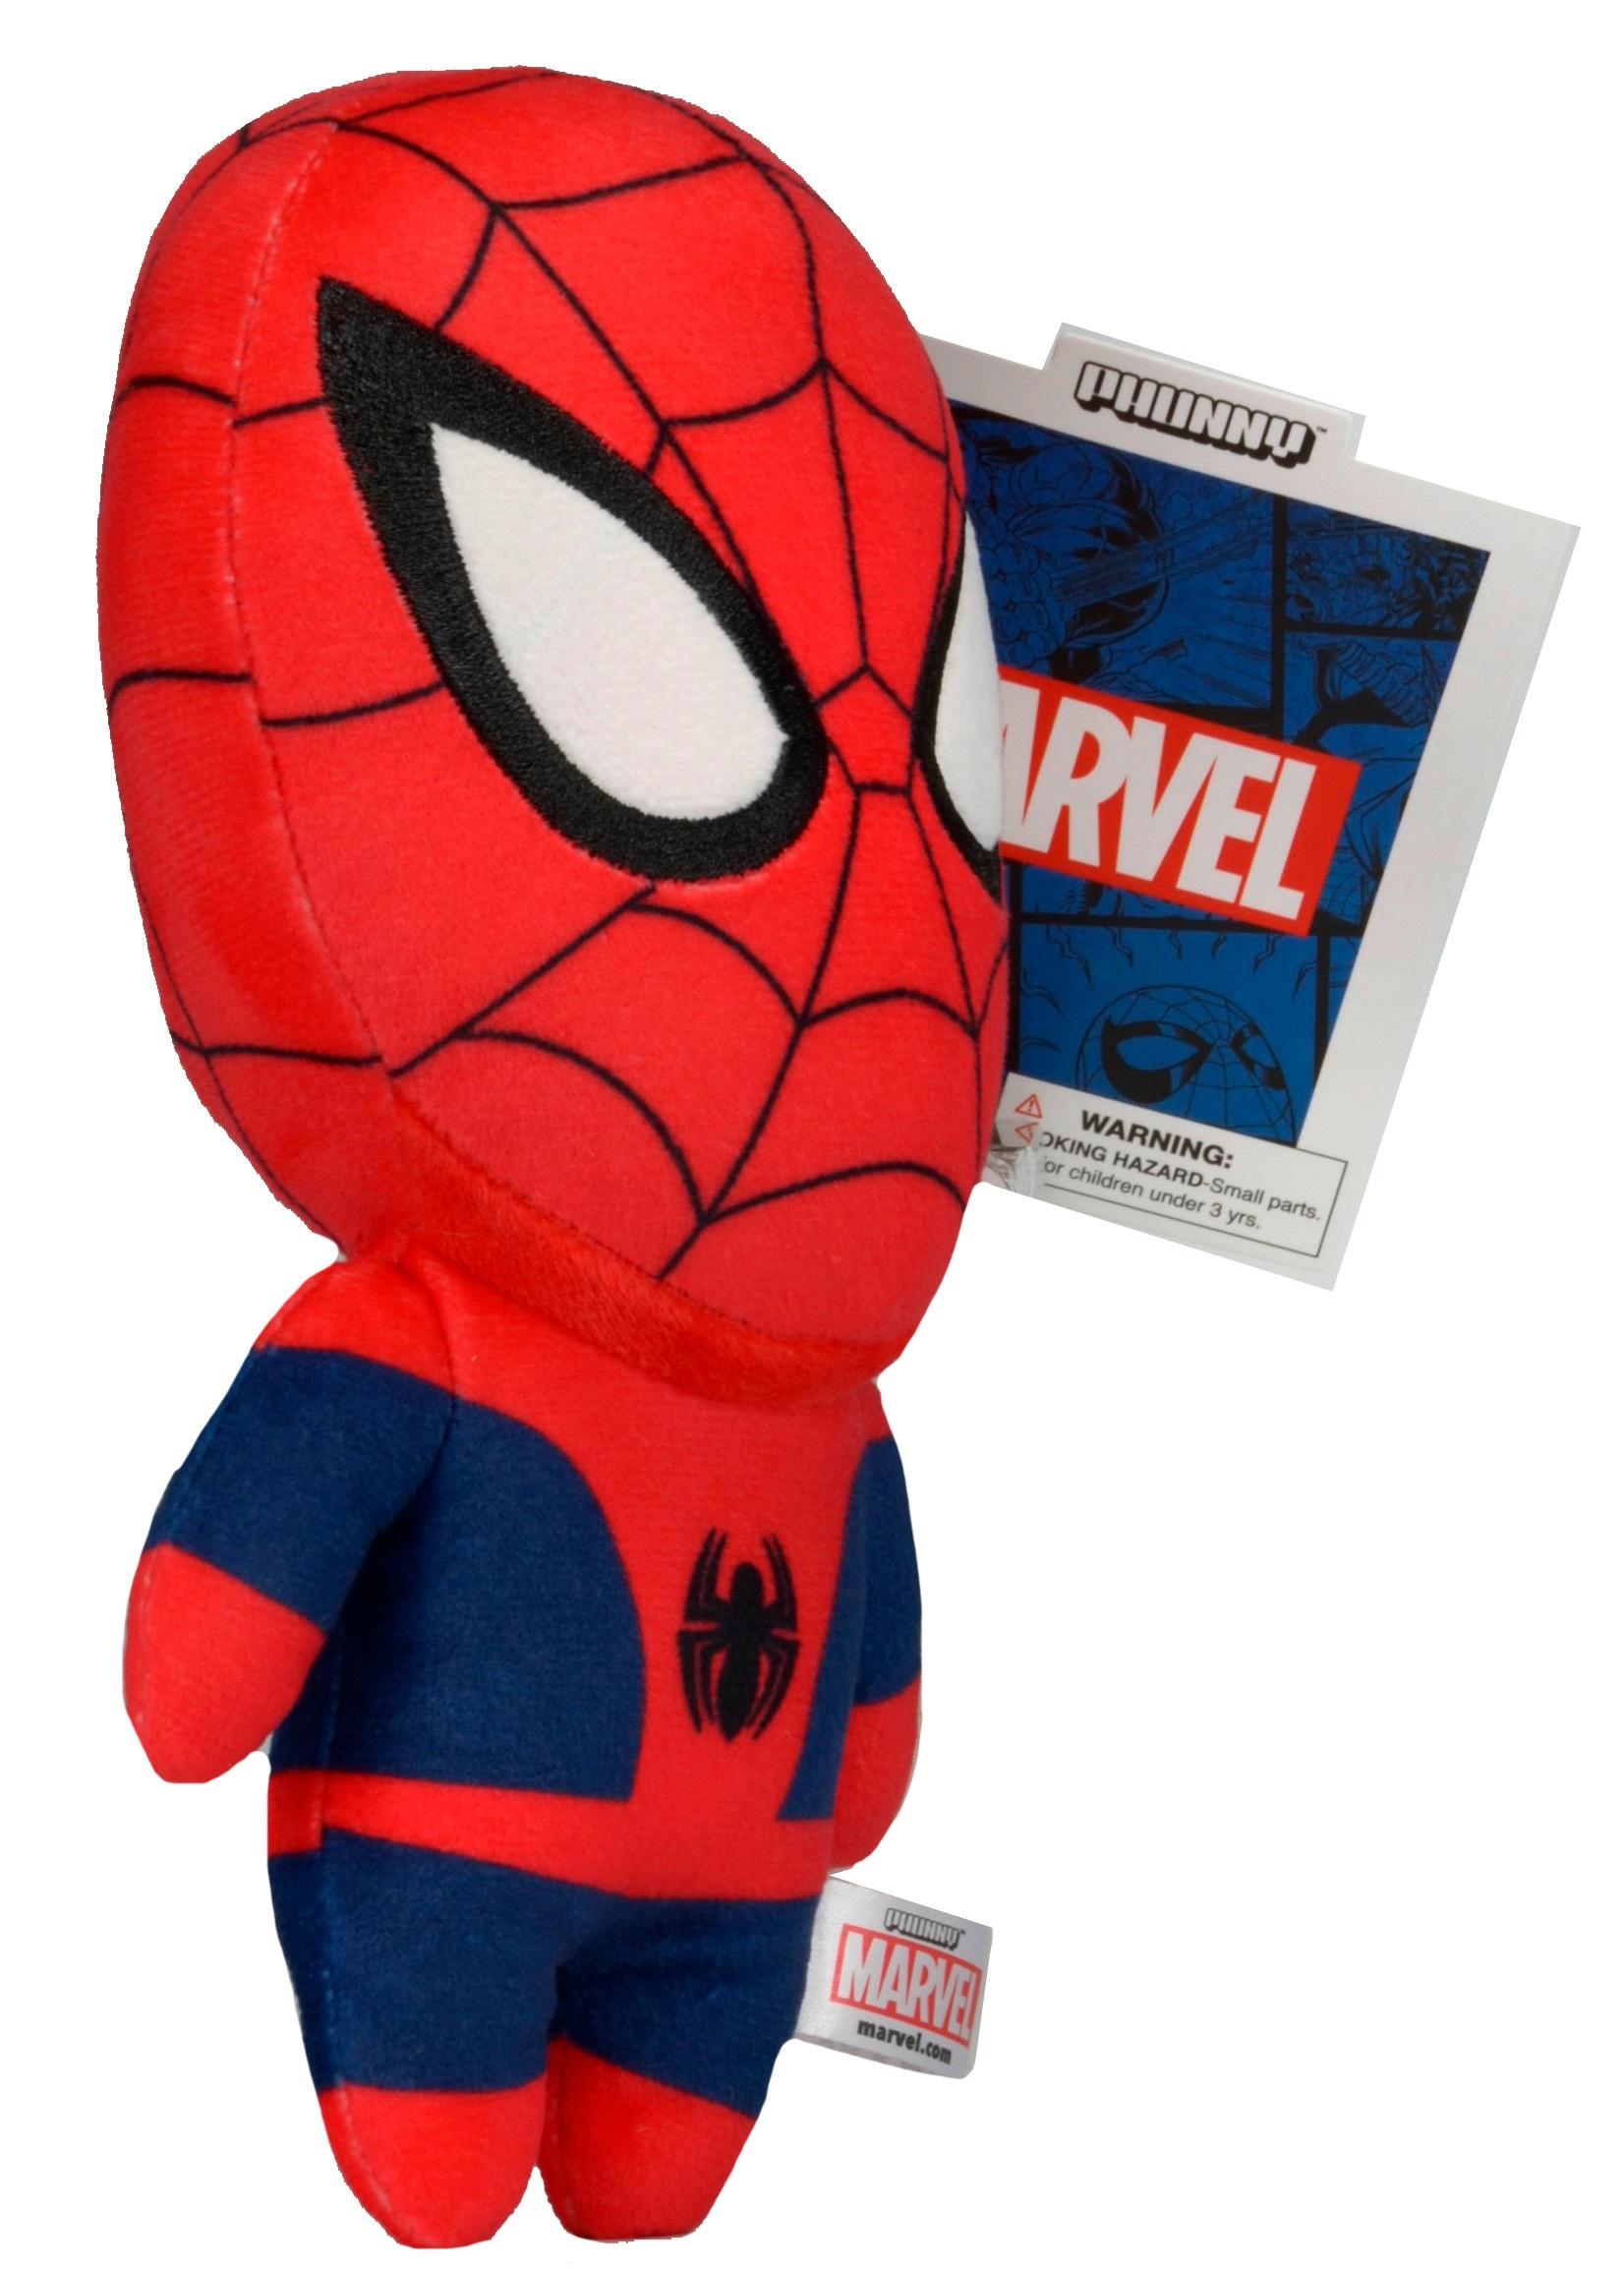 Мягкая игрушка Marvel Phunnys. Spider-Man (20 см)Представляем вашему вниманию мягкую игрушку Marvel Phunnys. Spider-Man, воплощающую собой одного из самых популярных персонажей Marvel – Человека-паука.<br>